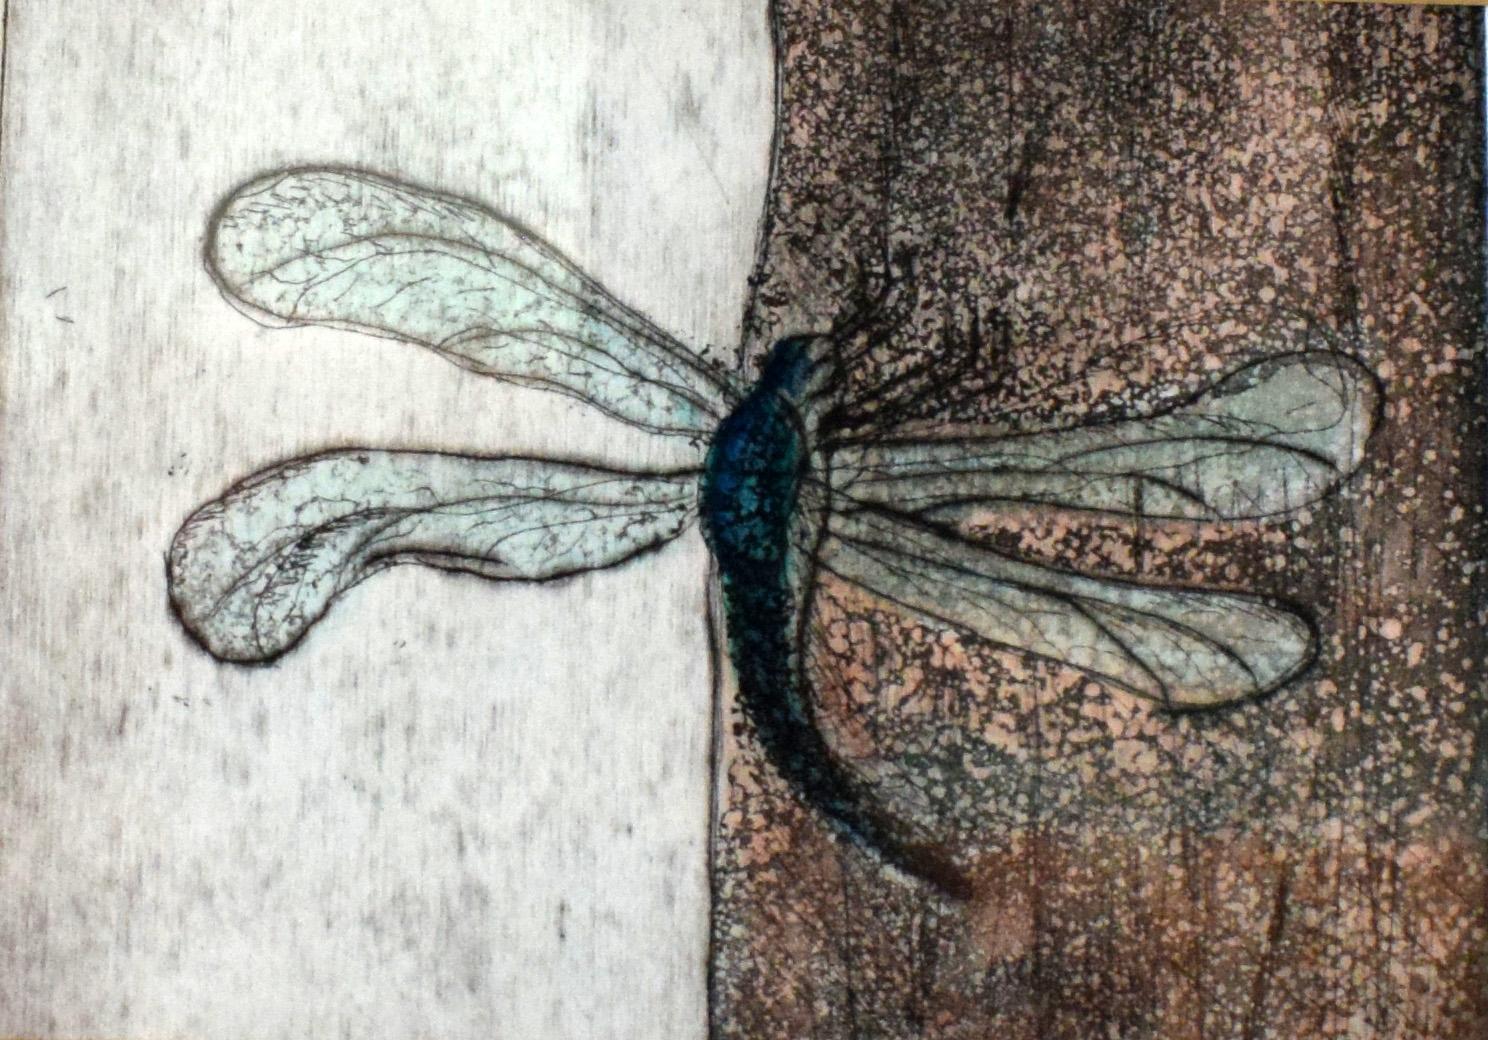 Dragonfly 13 x 13 cm